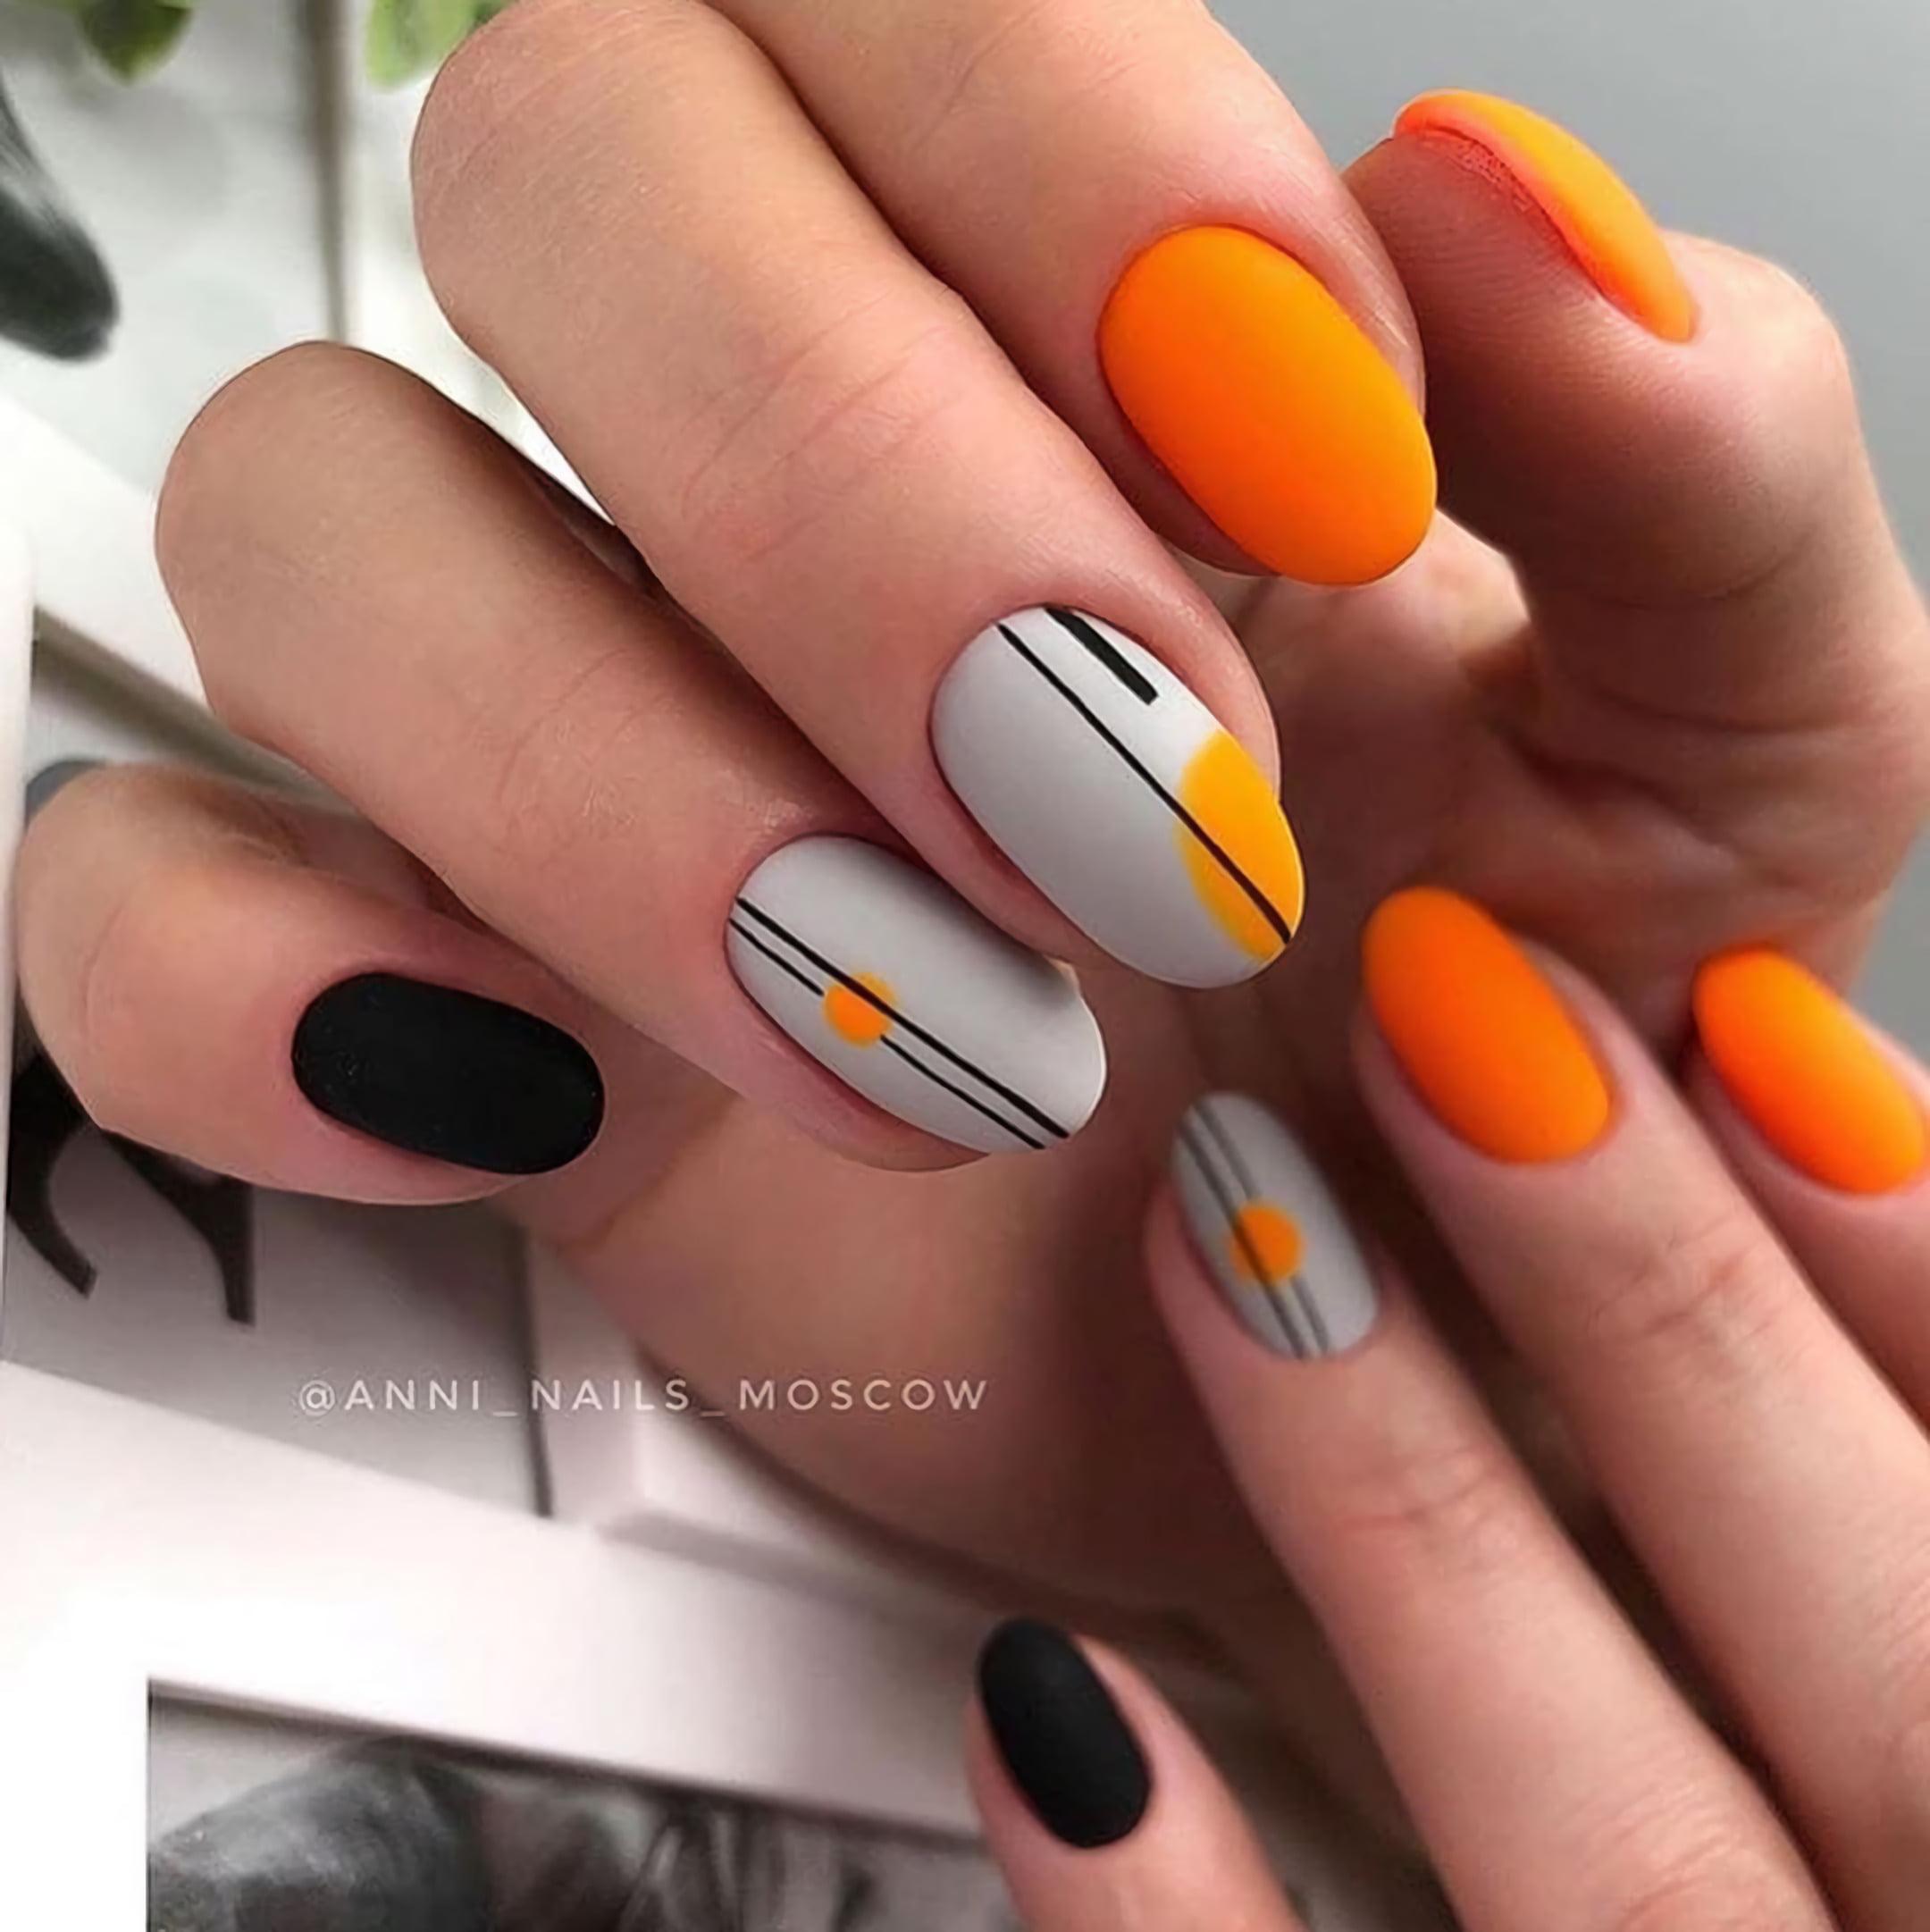 Оранжевый и черный маникюр с современным узором